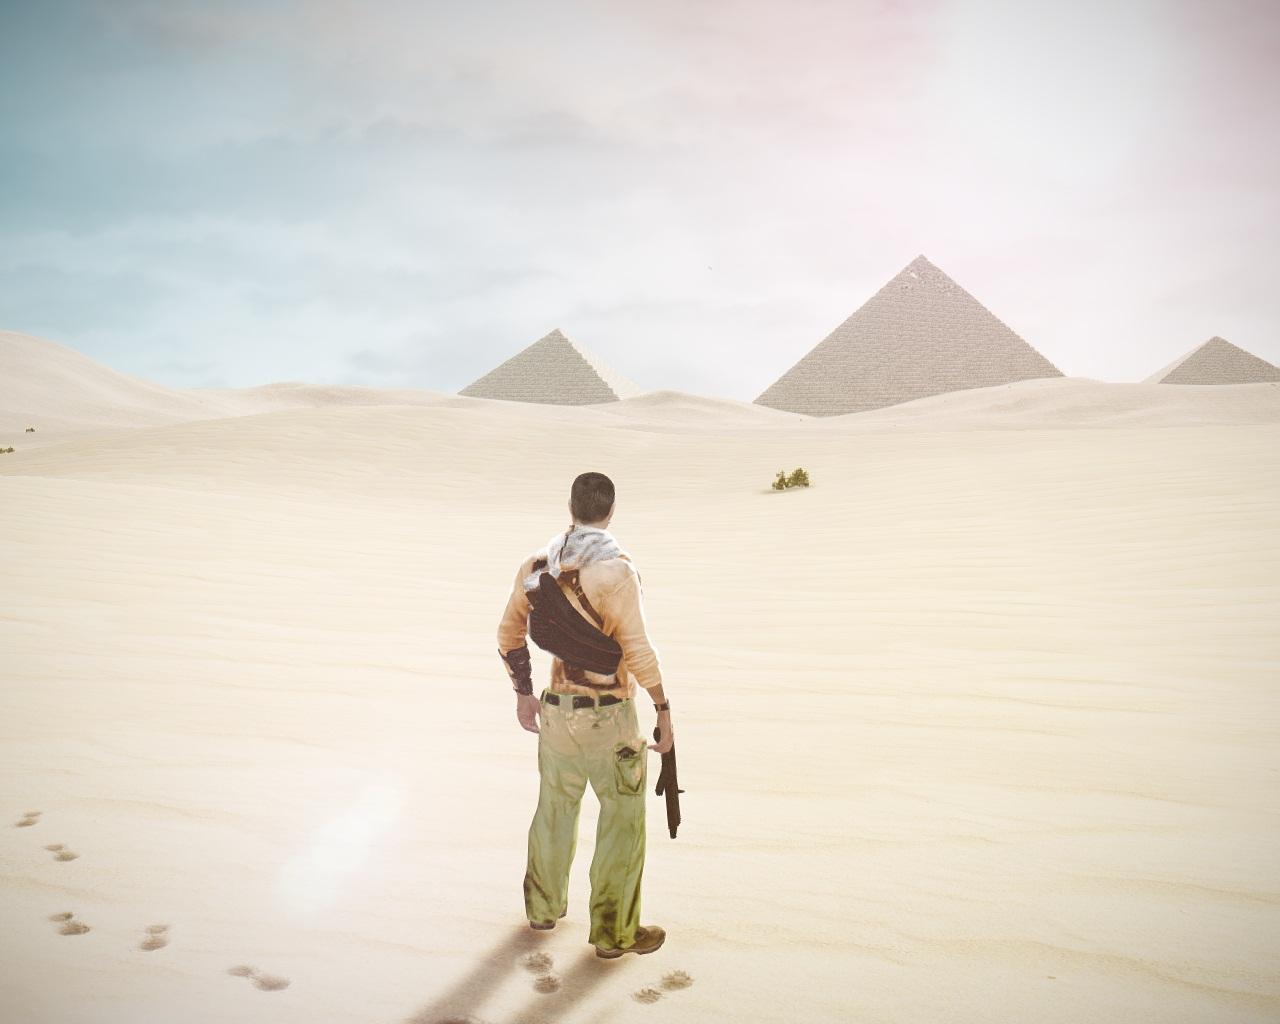 Джемпер Пустыня